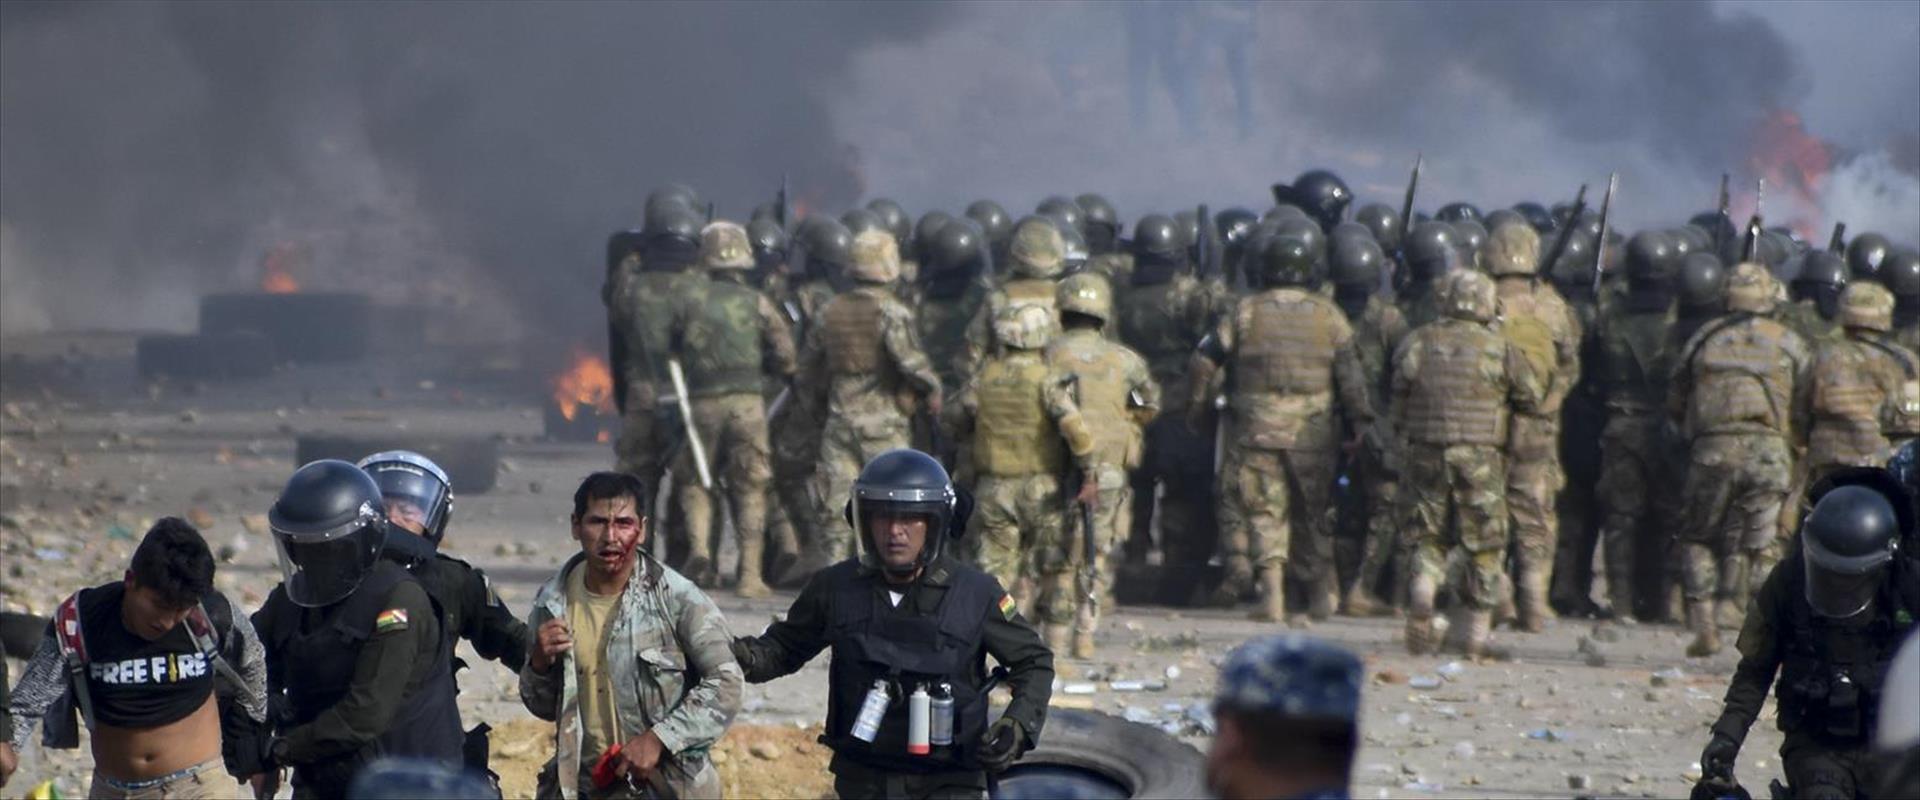 עימותים בבוליביה בין תומכי מוראלס לכוחות הביטחון